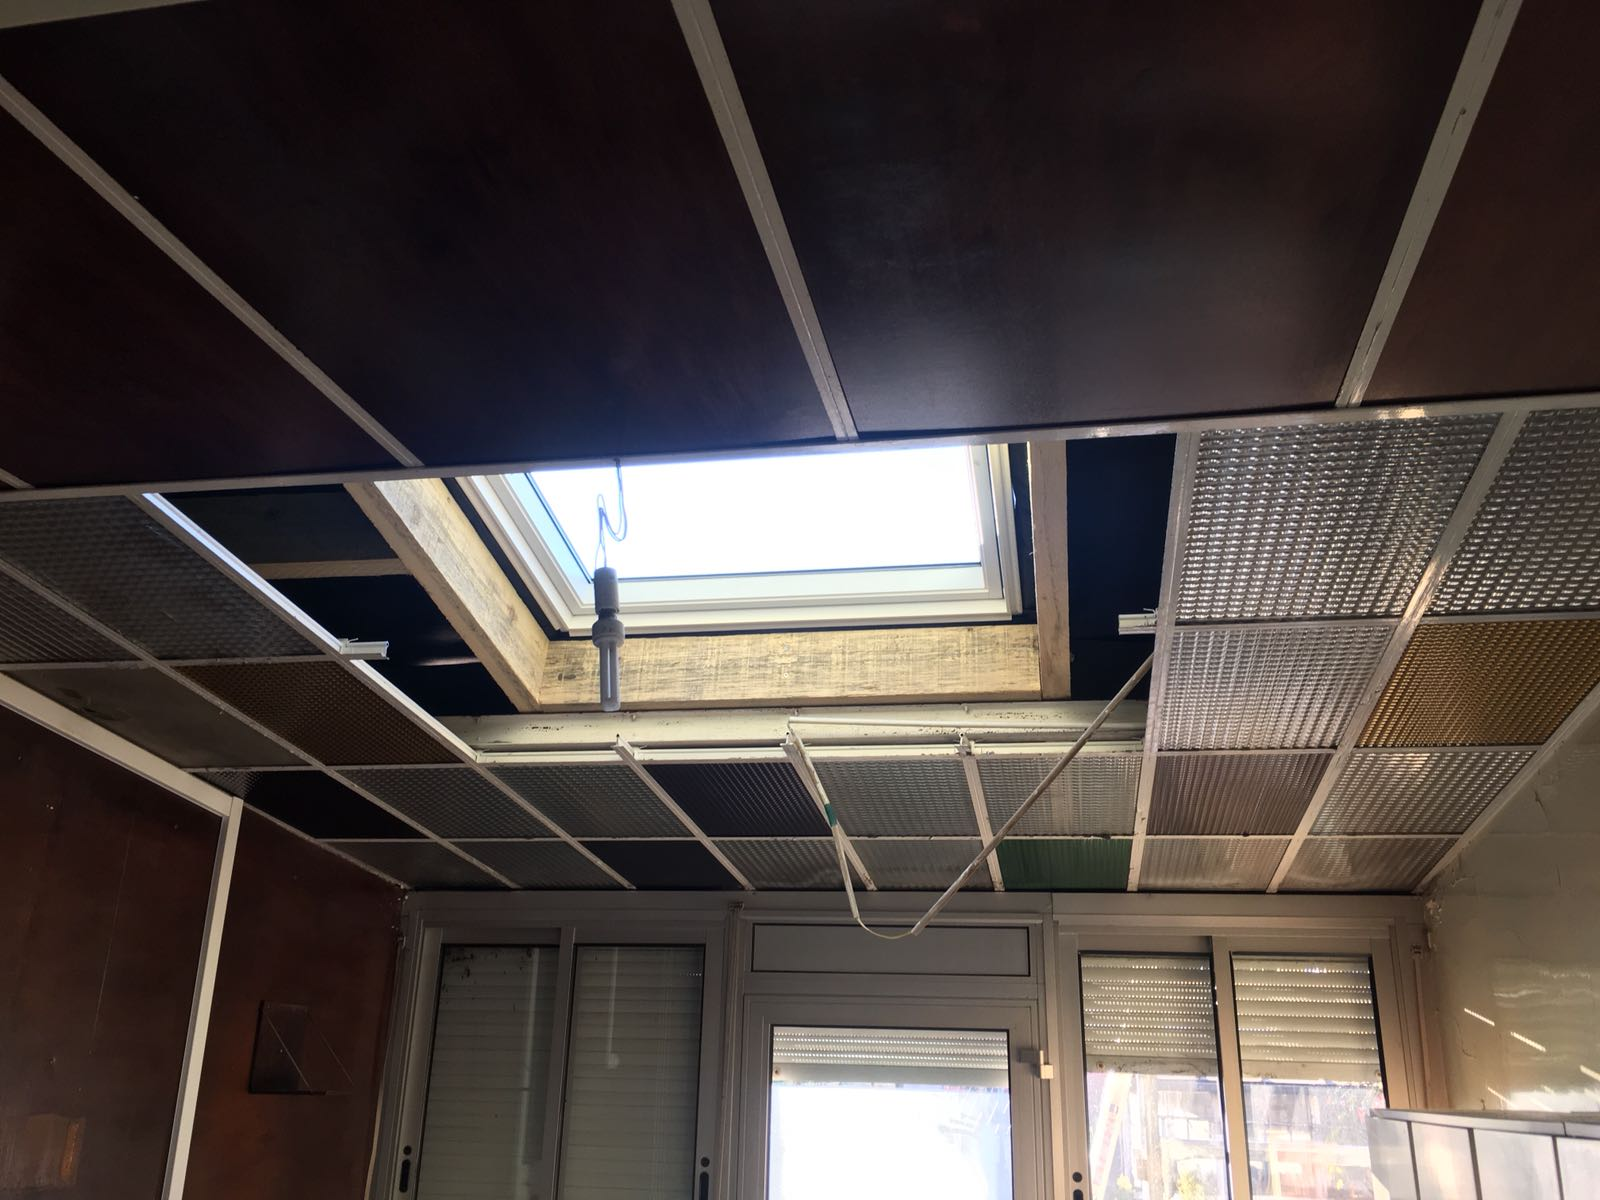 Interieur Plafond Avec Sans Lumineux (7)